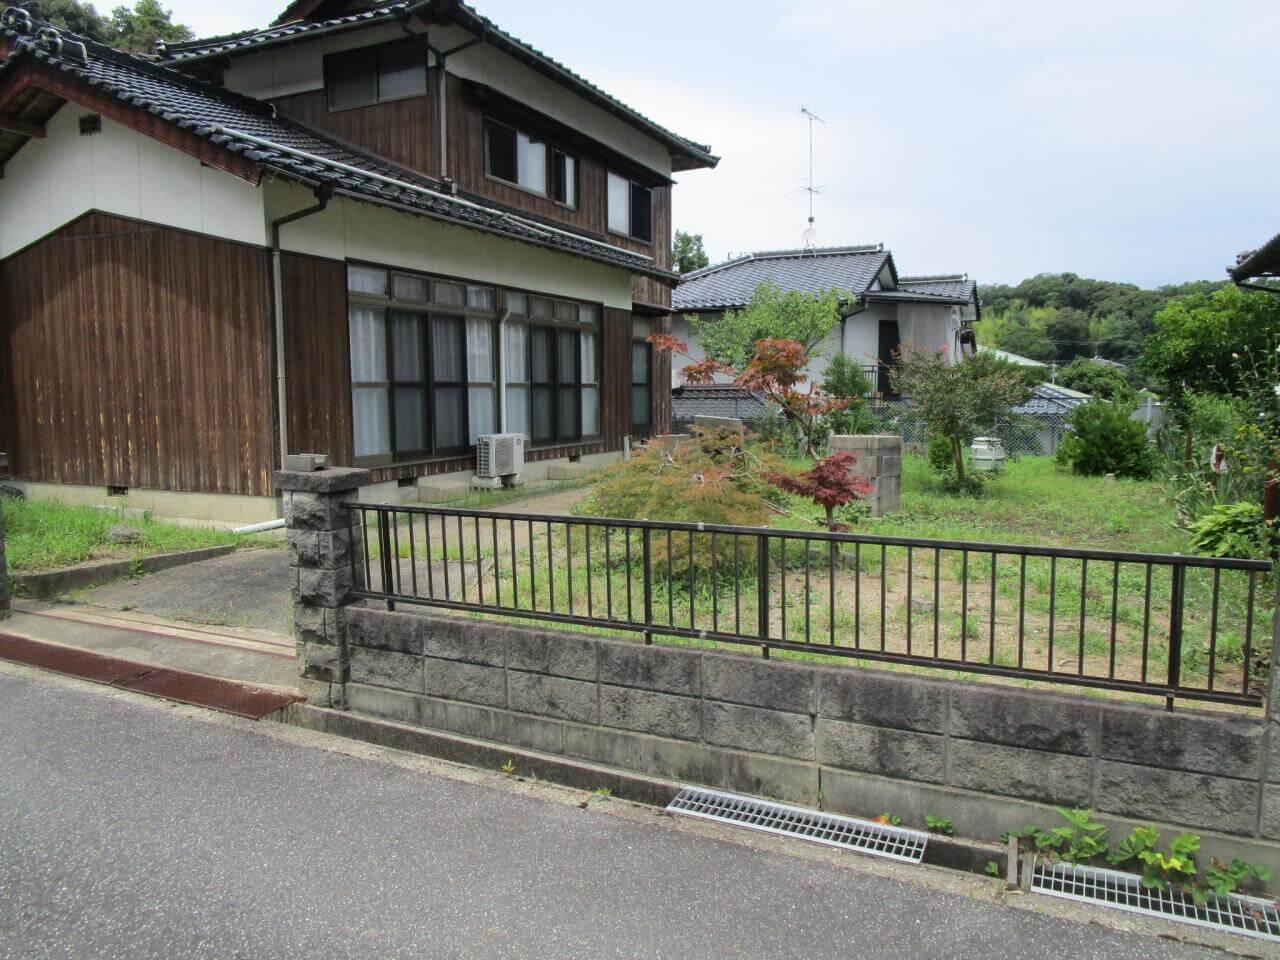 島根県益田市久城町802-95の中古住宅の外観写真